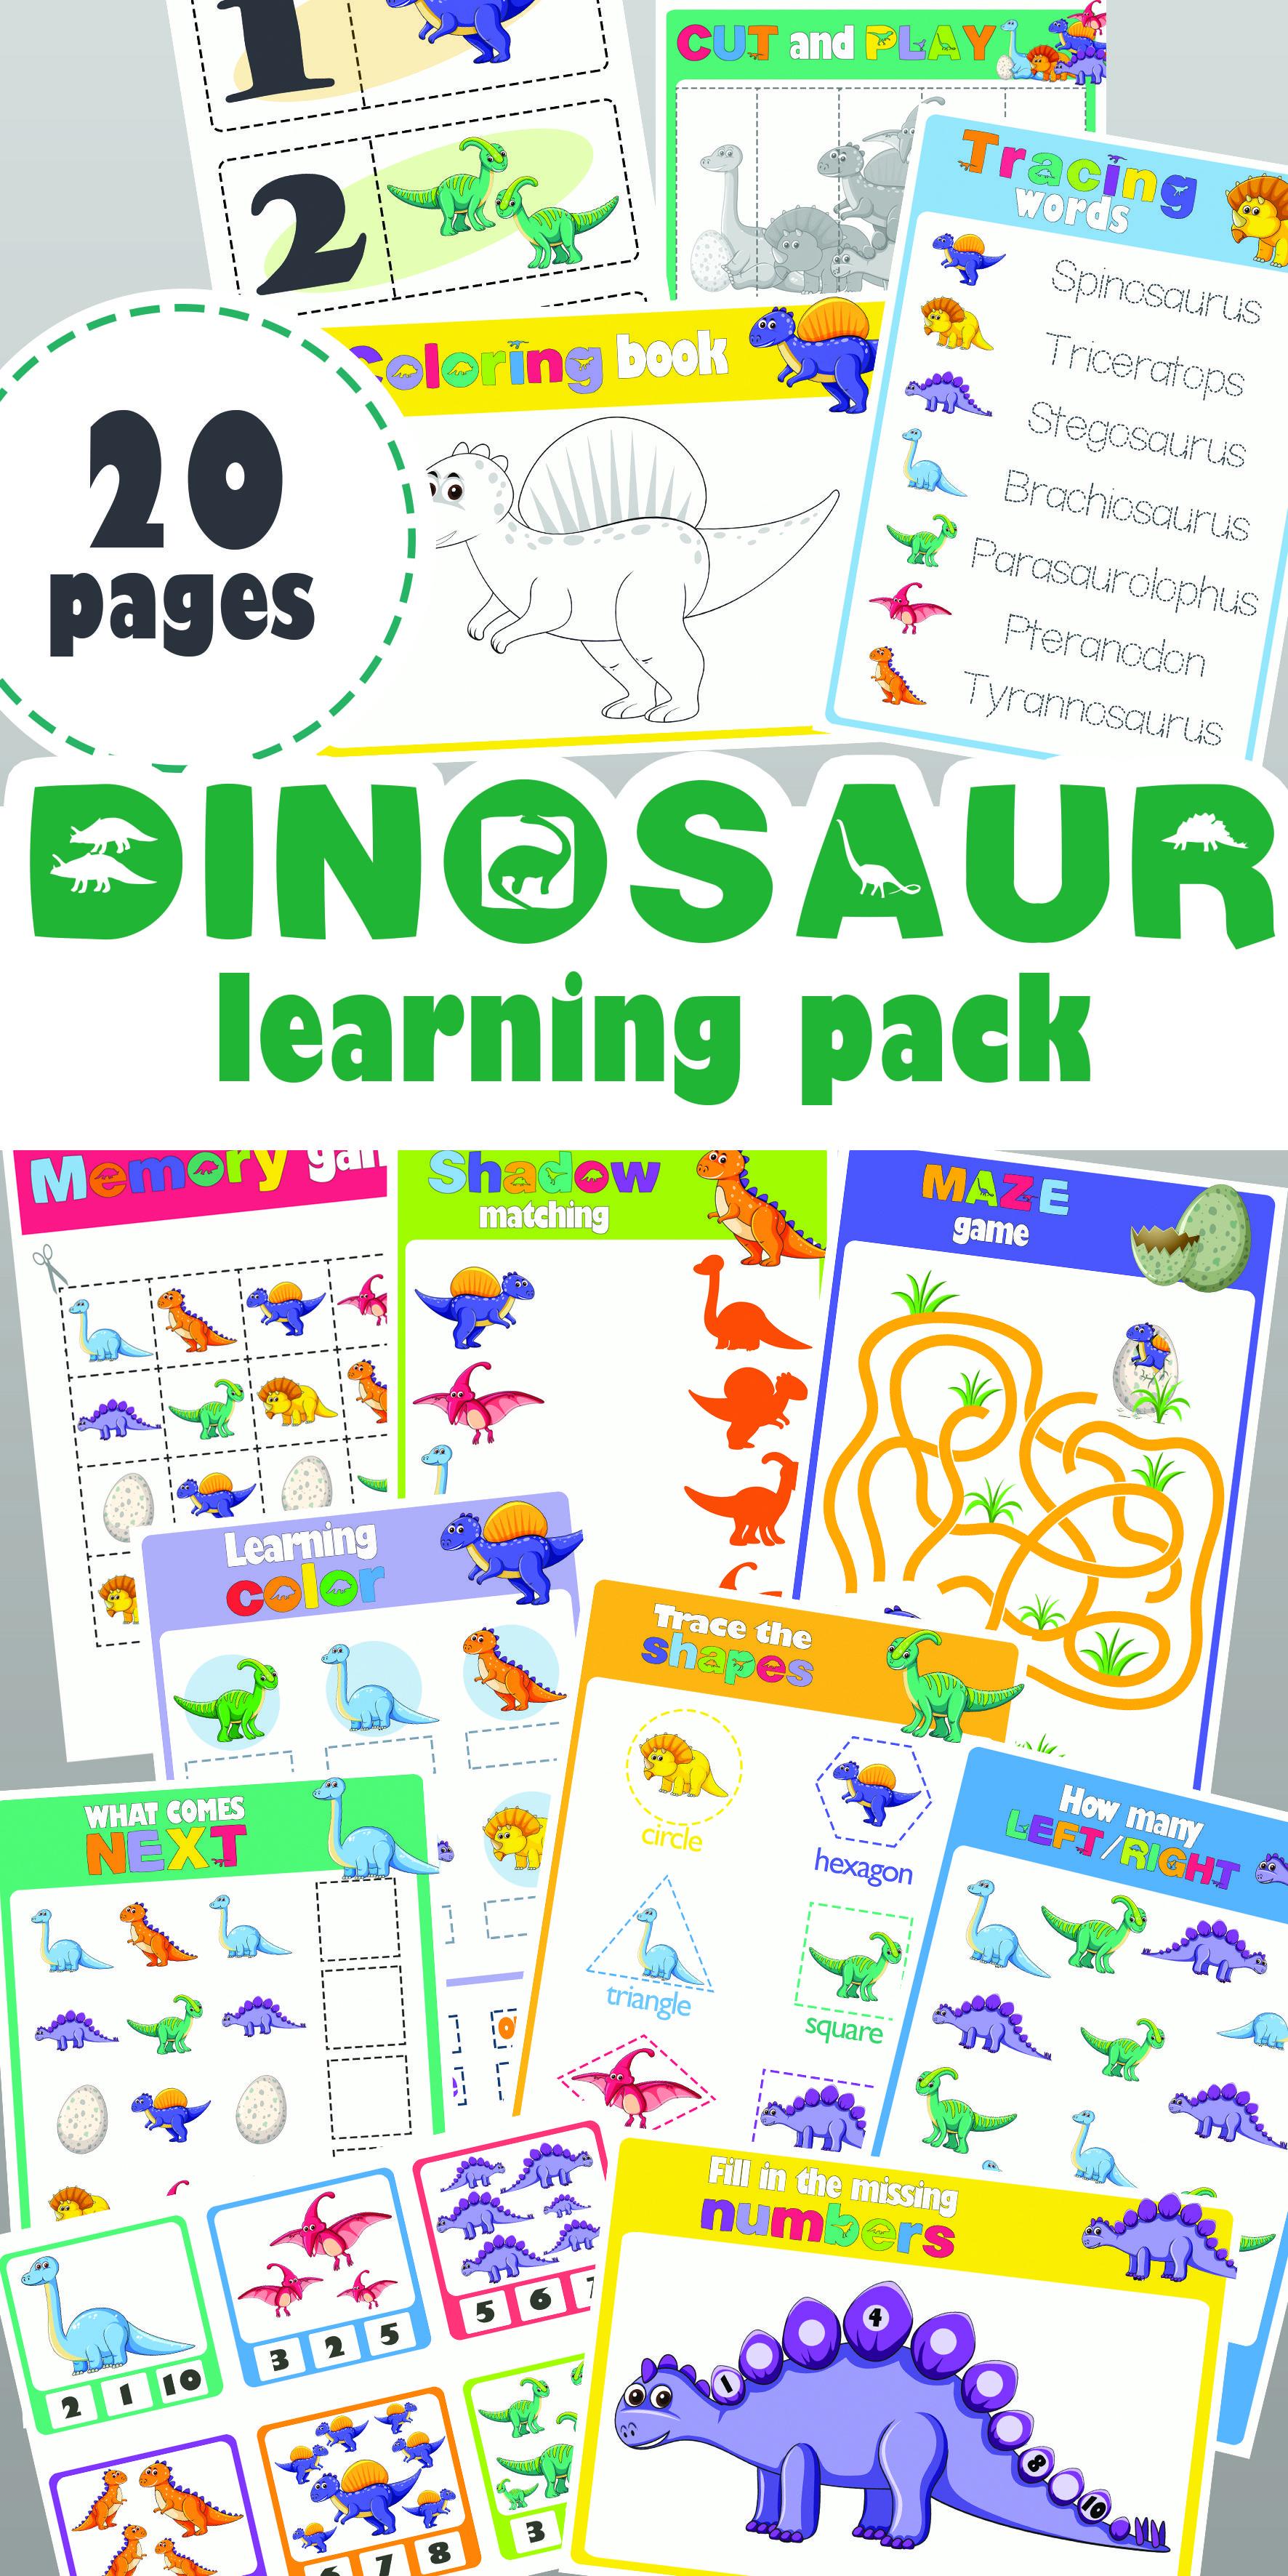 Dinosaur Learning Pack